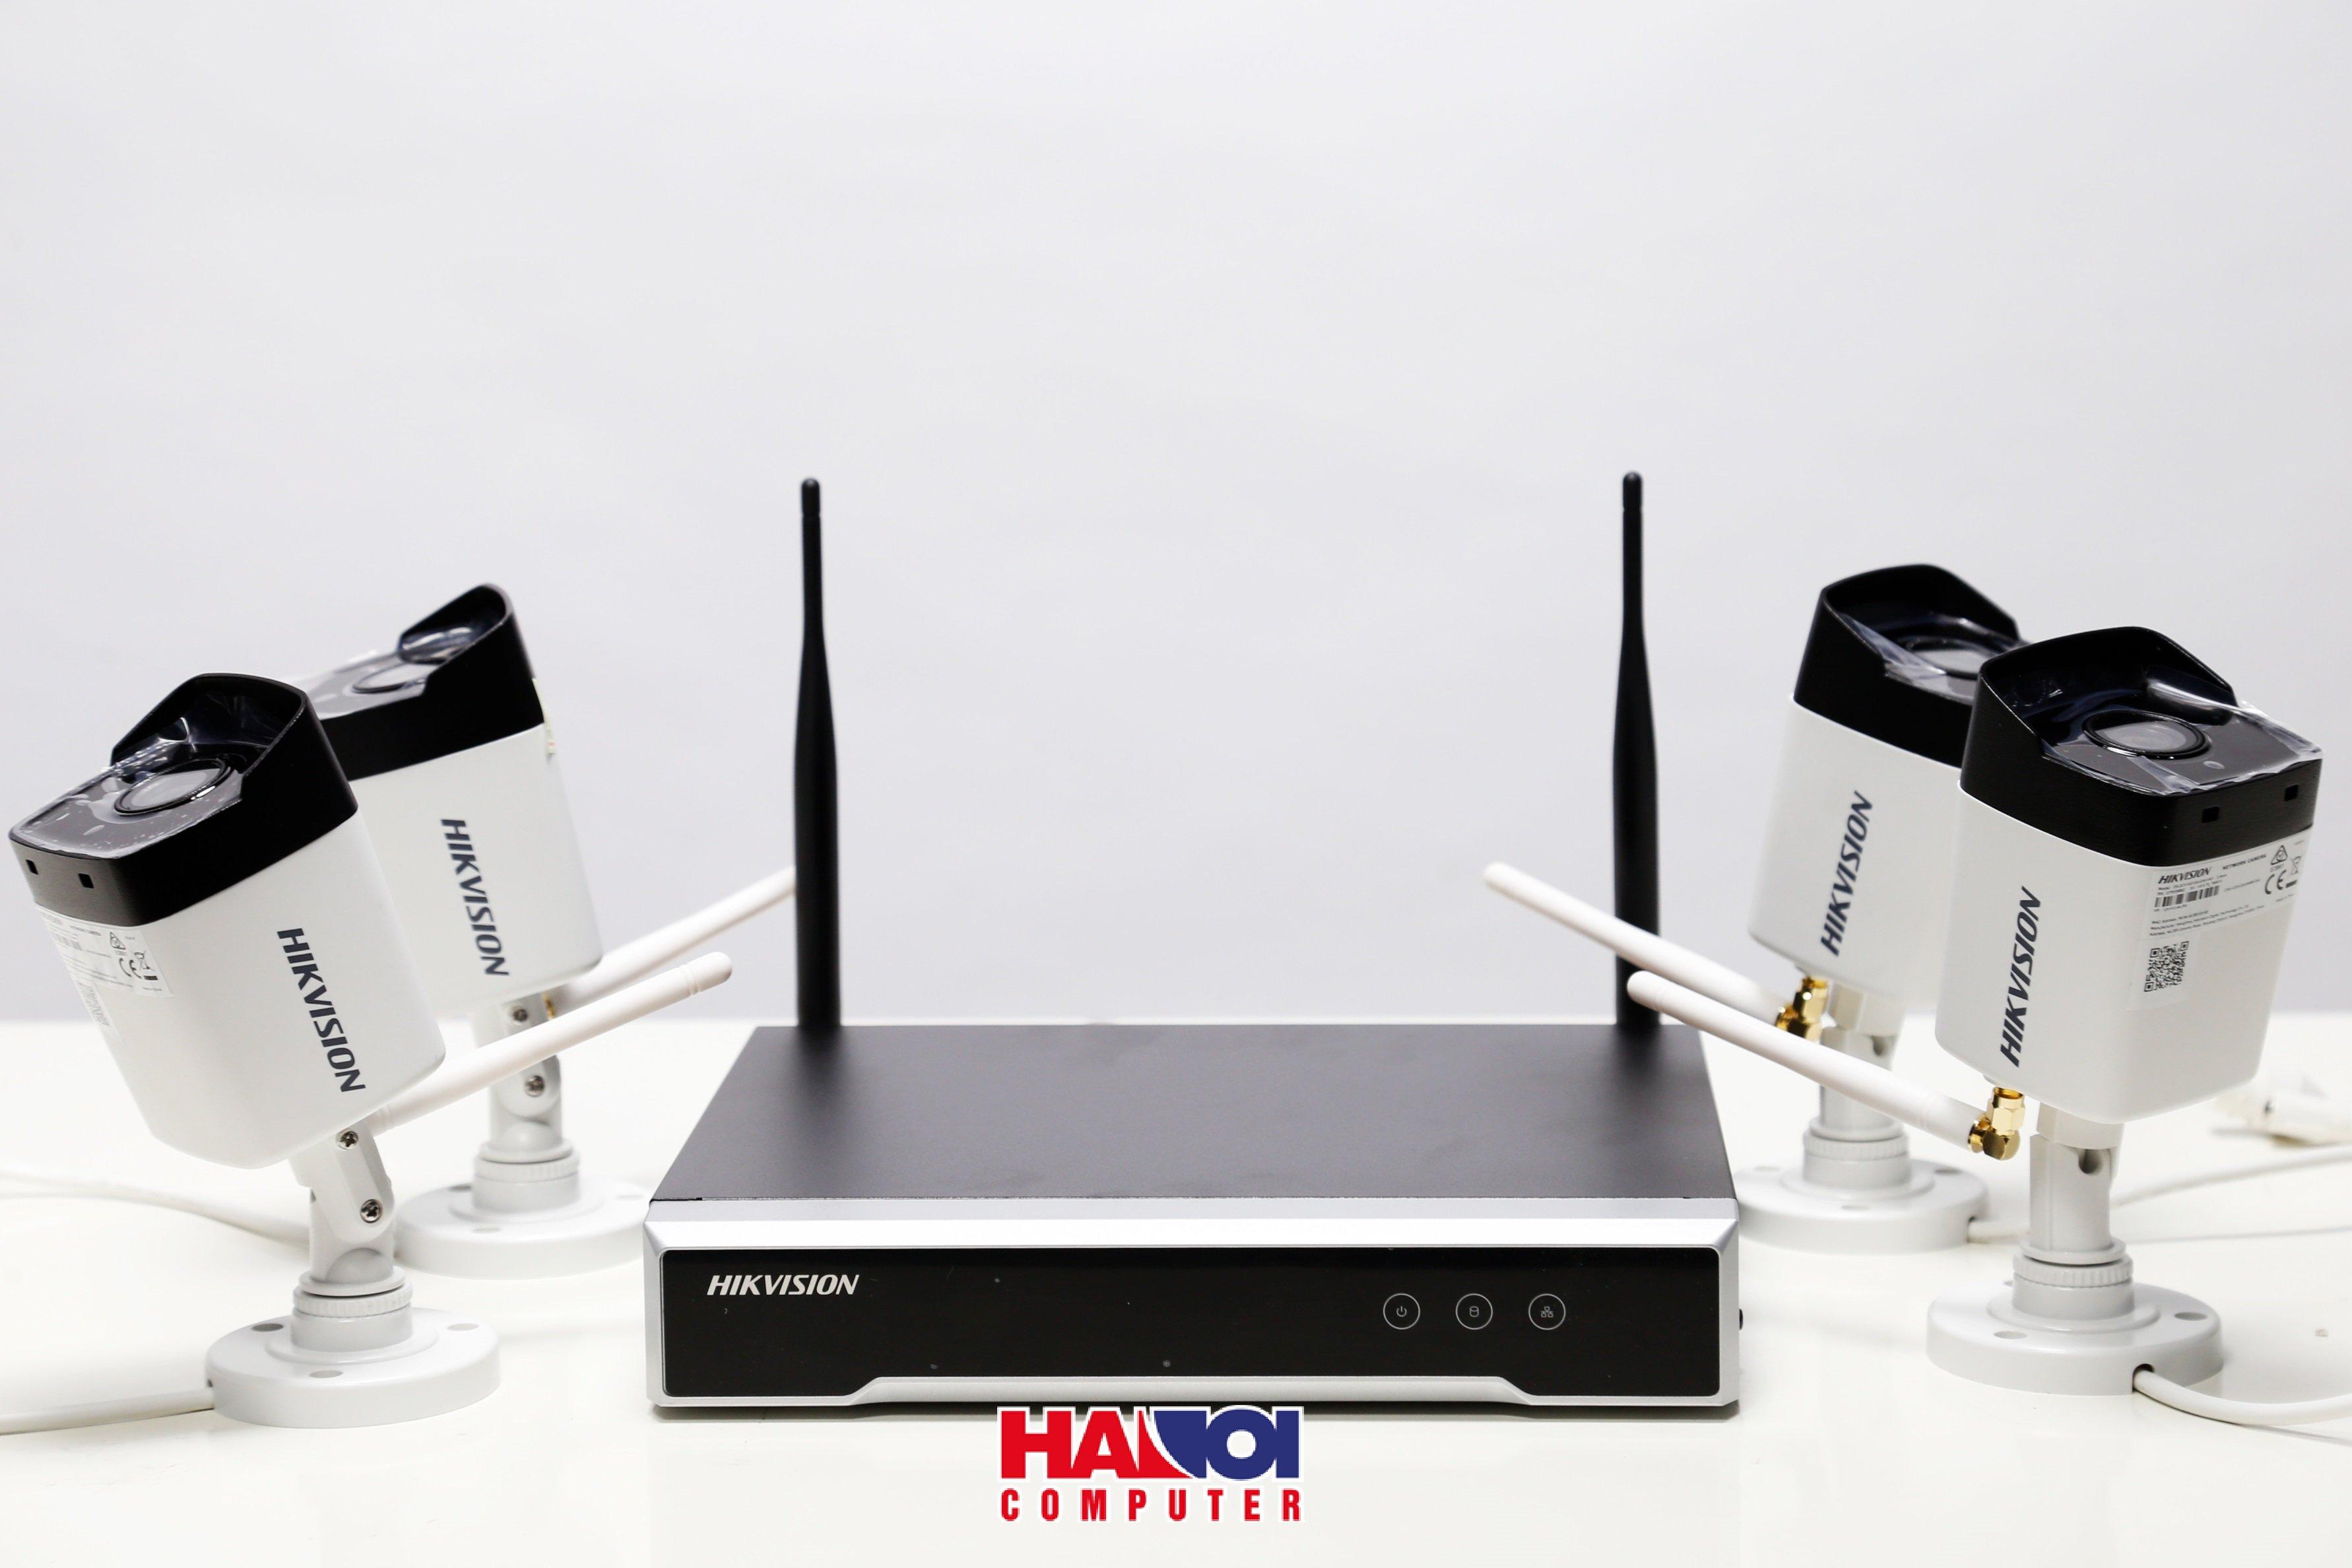 Bộ kit Camera Hikvision NK42W0 ( bao gồm 4 Camera Wifi + 1 đầu ghi hình Wifi 4 kênh )